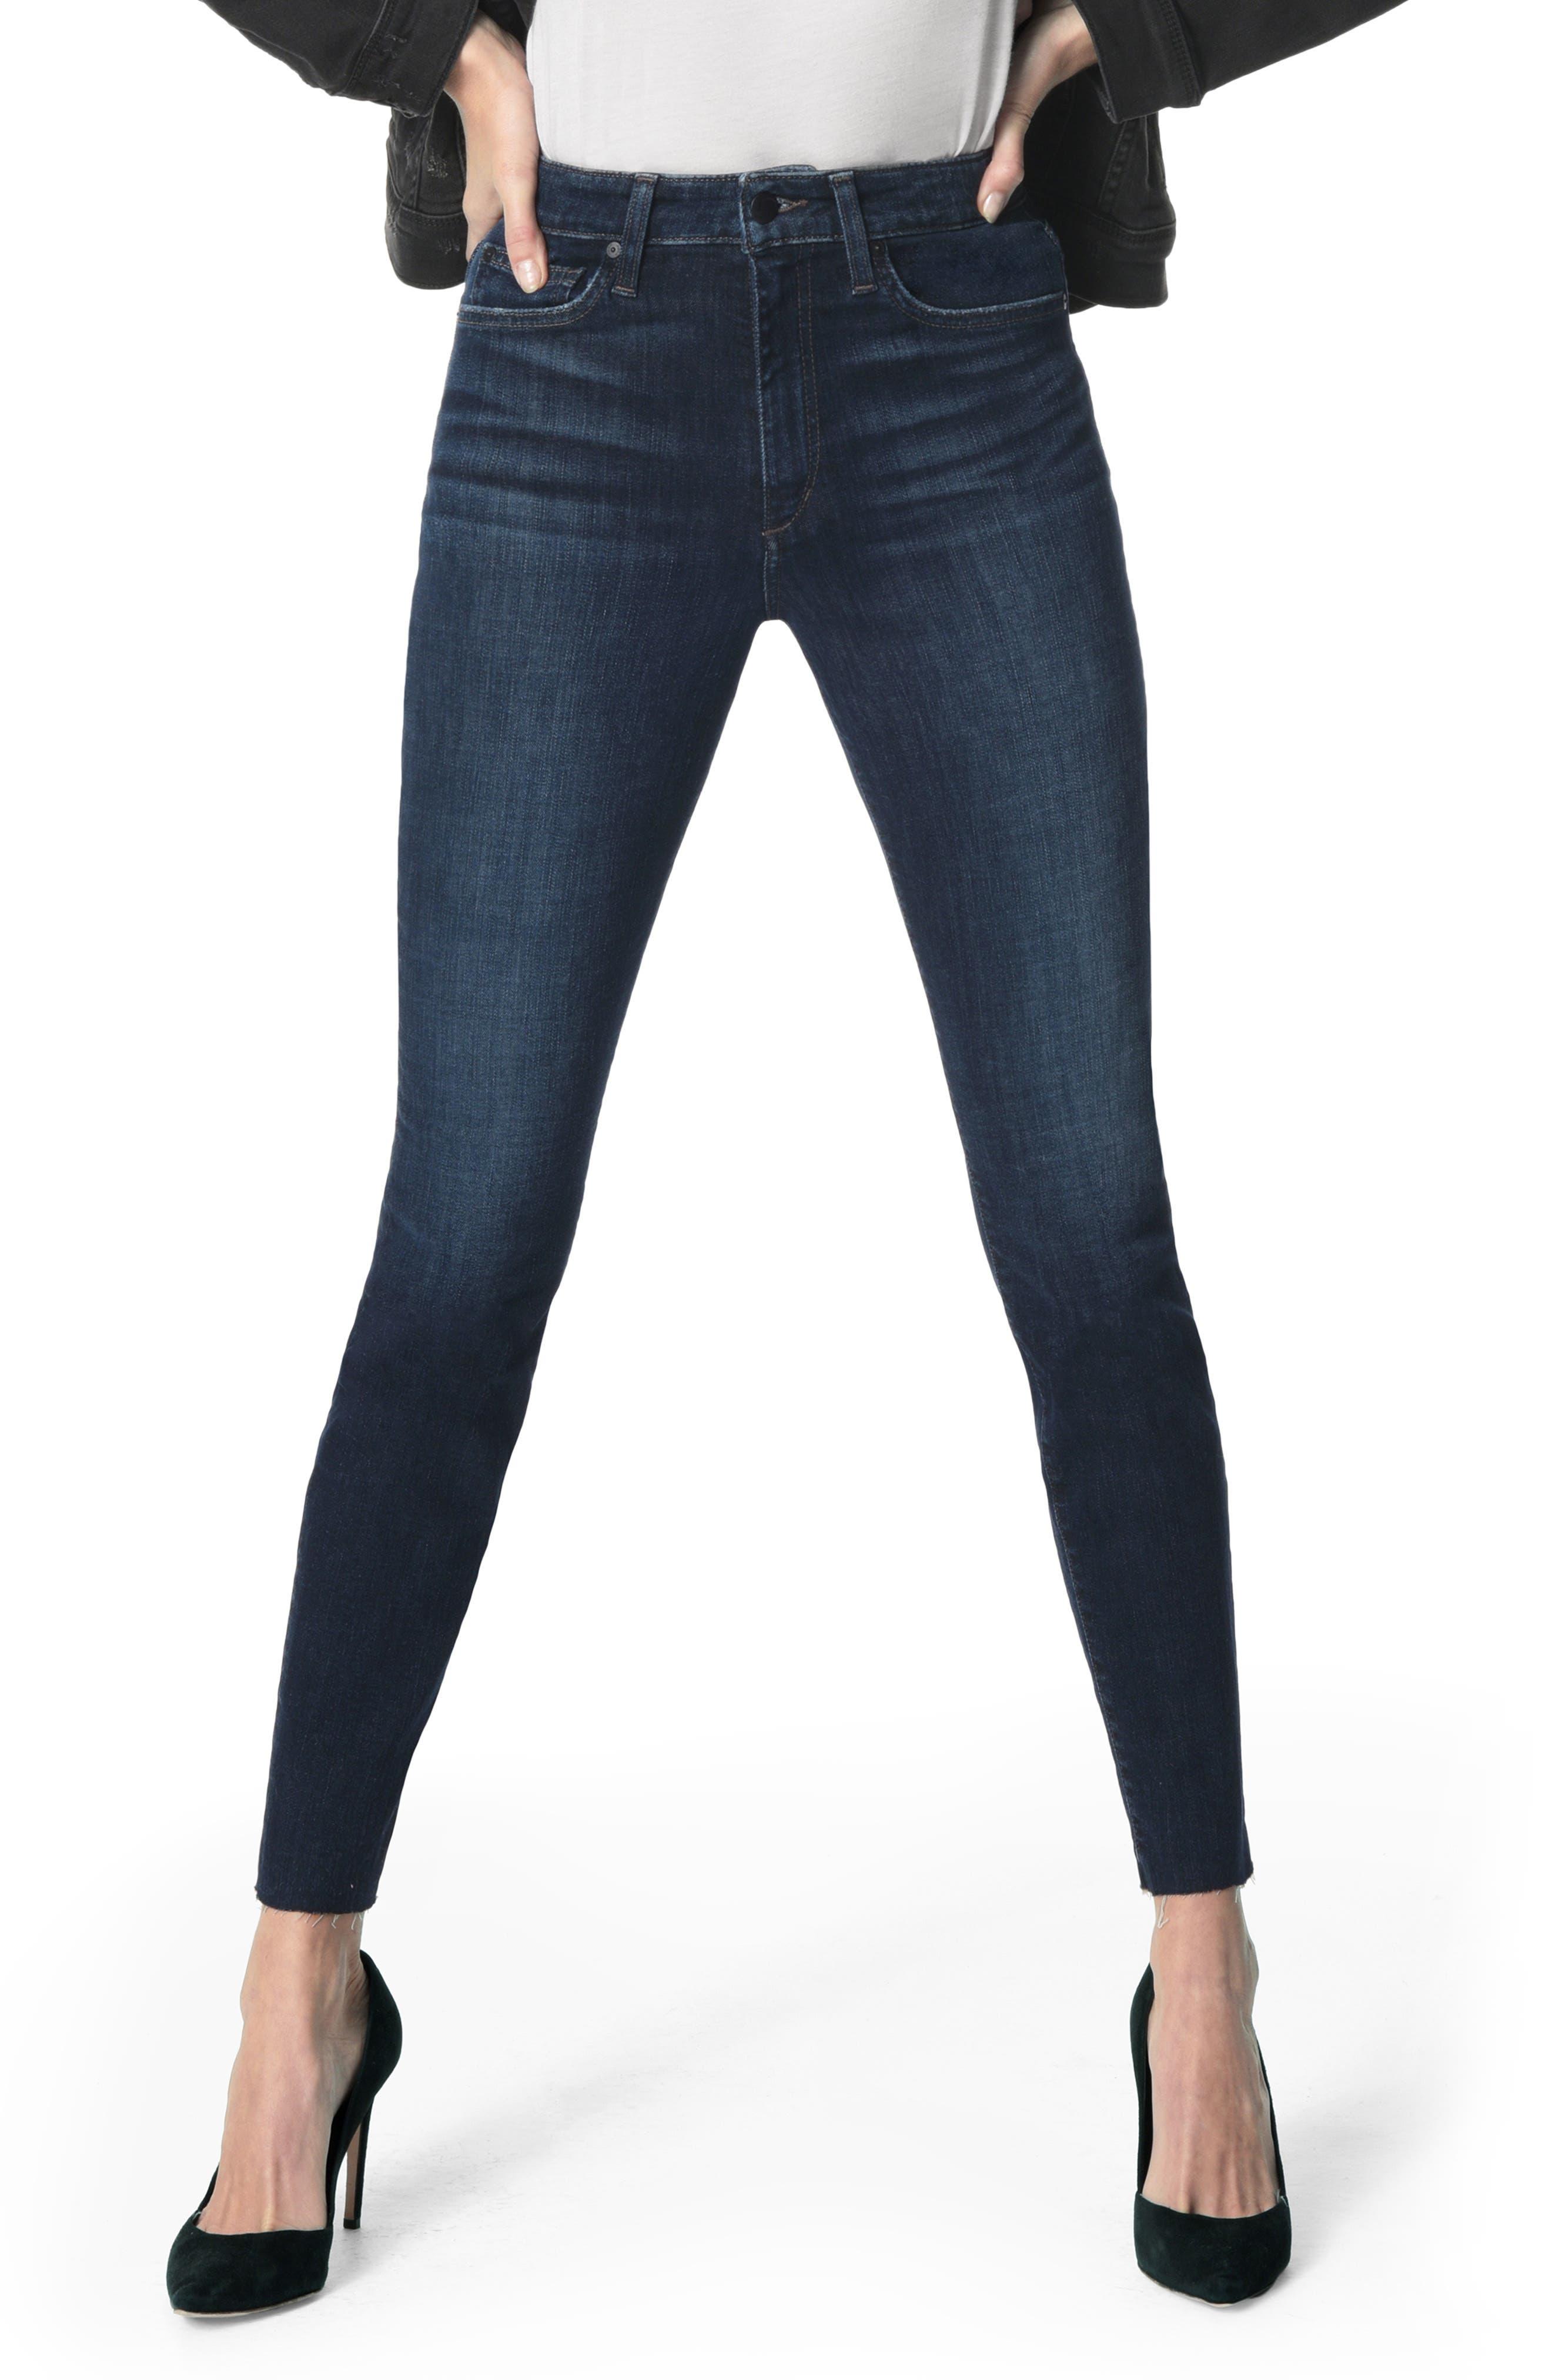 JOE'S Charlie High Waist Raw Hem Ankle Skinny Jeans, Main, color, DORI